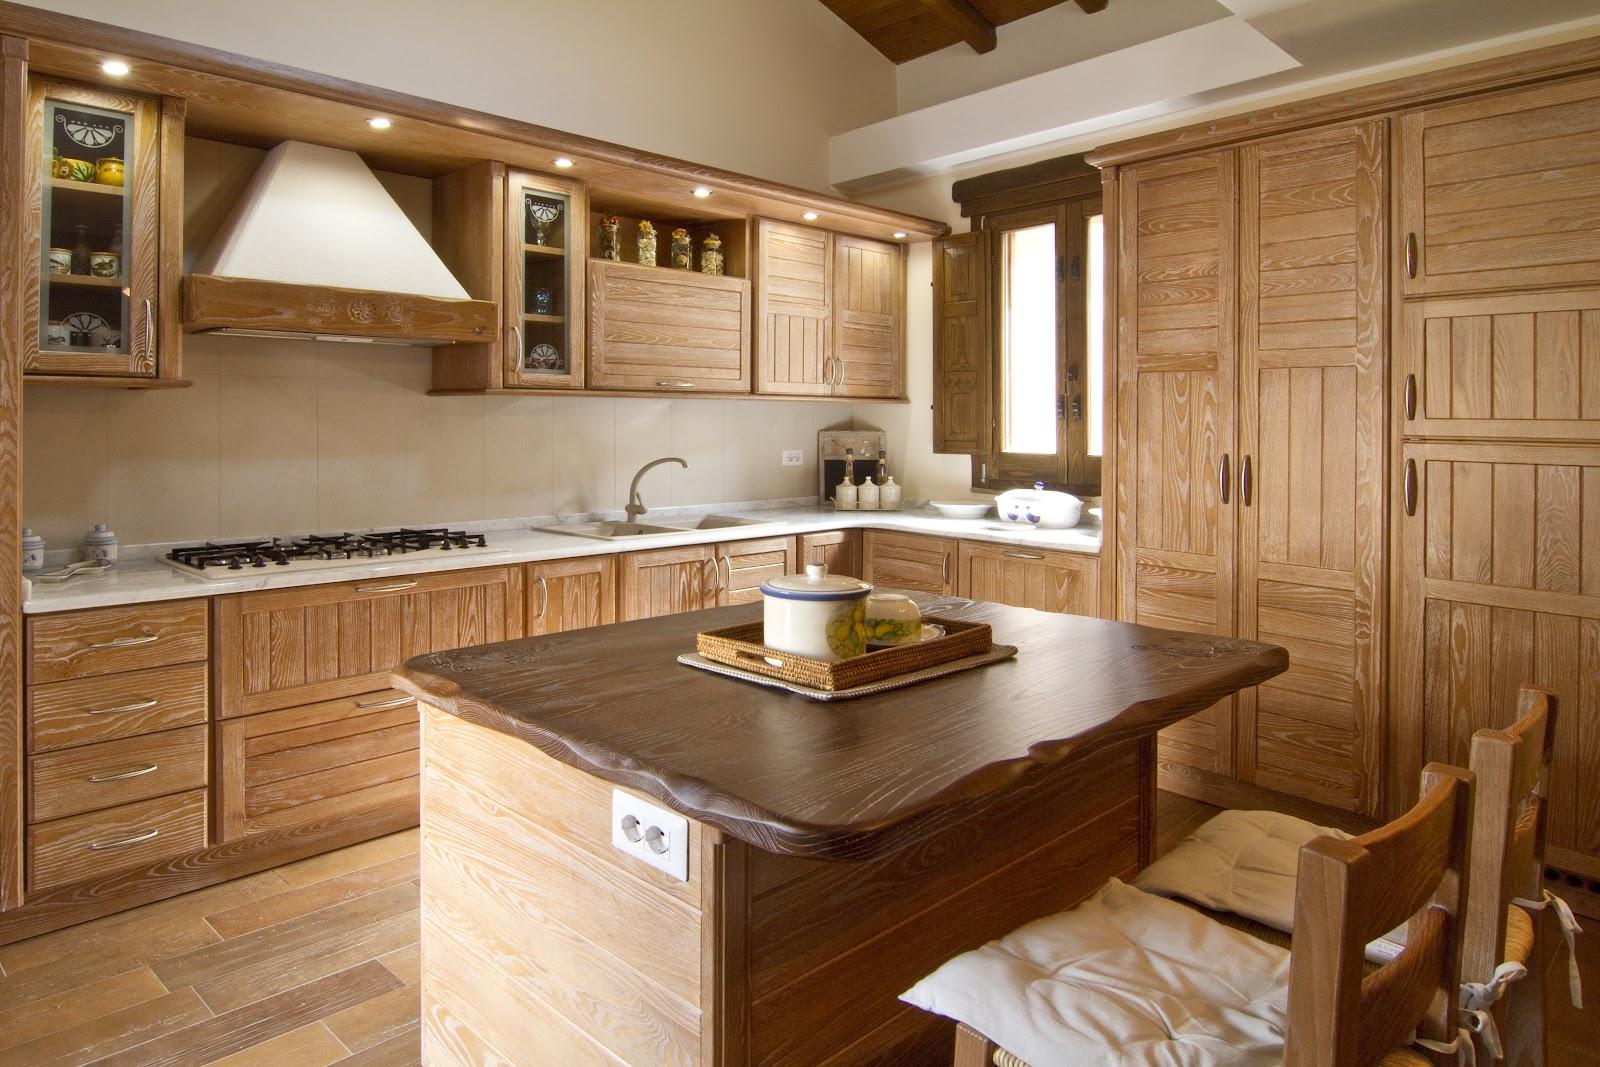 Cucine In Legno Bruno Mandis #44240C 1600 1067 Foto Di Cucine In Arte Povera